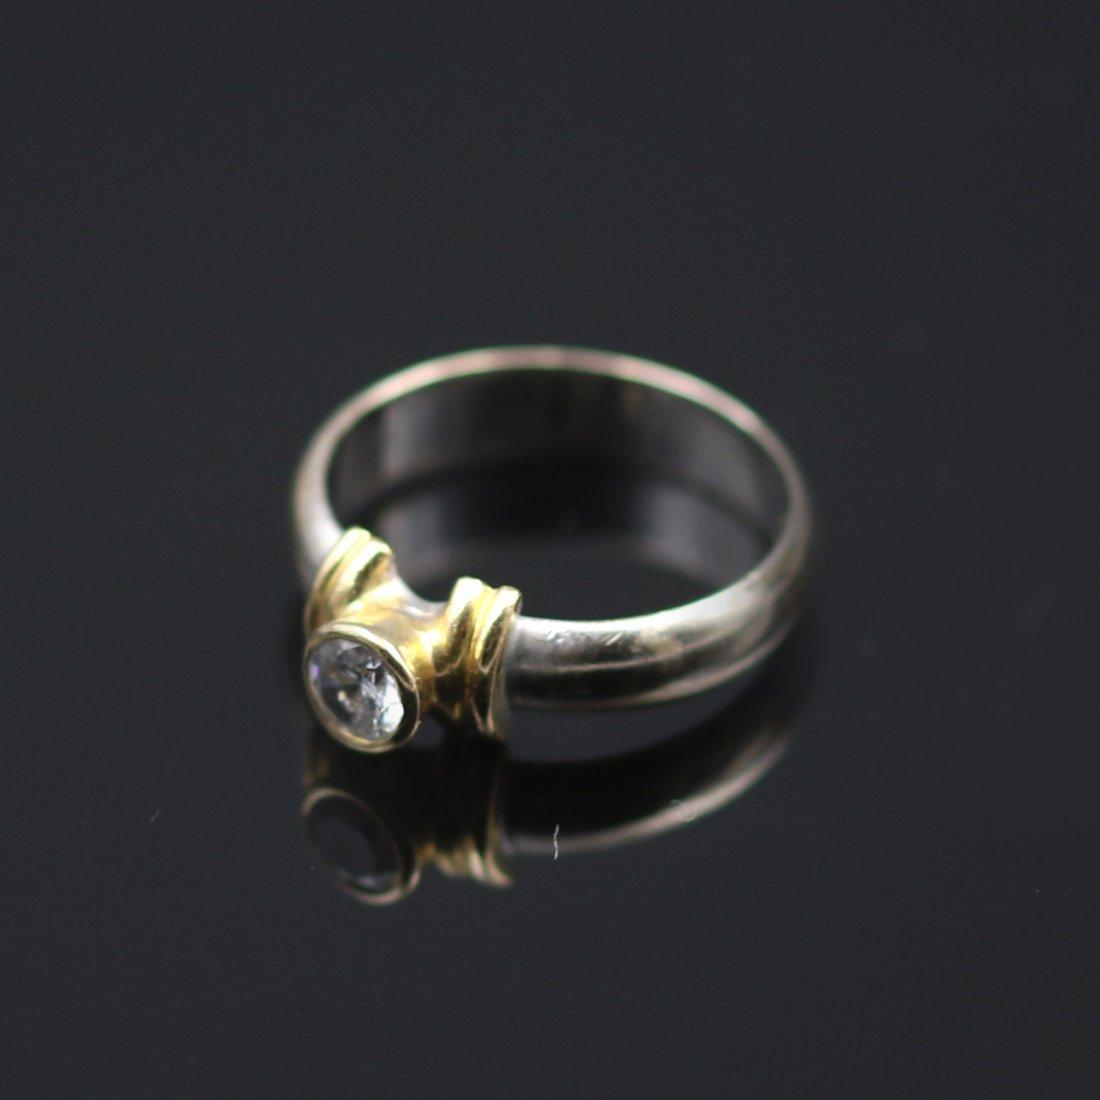 18k Yellow / White Gold Ring. - 2